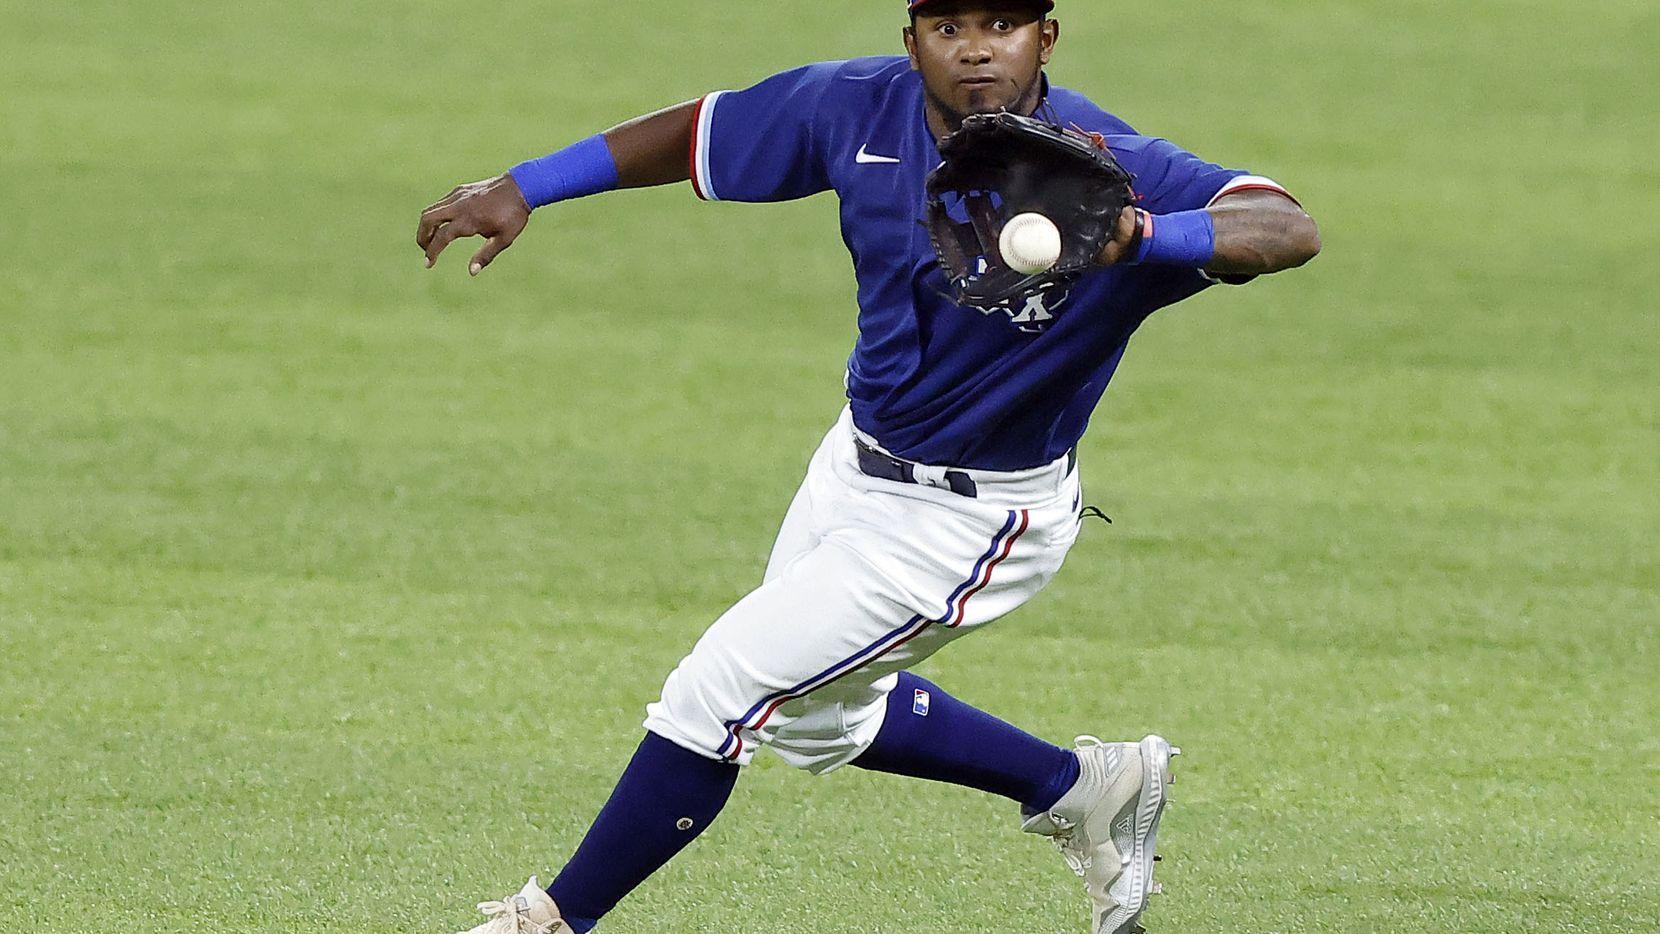 El jugador de los Rangers de Texas, Yonny Hernández, atrapa una pelota en el partido de exhibición contra los Brewers de Milwaukee en el Globe Life Field, el 30 de marzo de 2021.